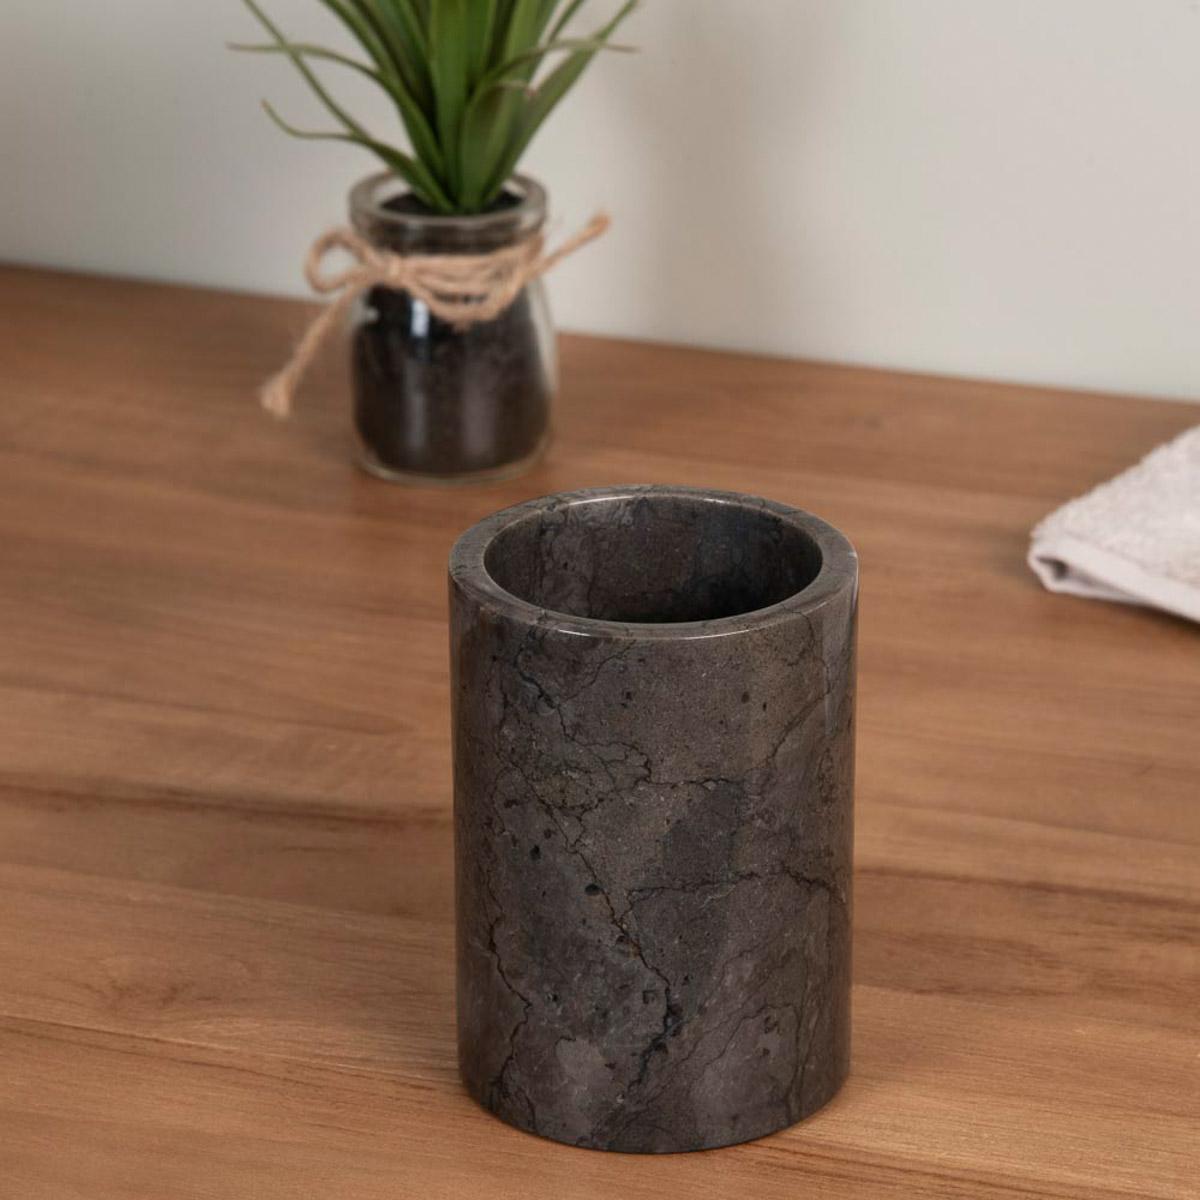 Gobelet de salle de bain en marbre noir d 7 5 cm for Accessoire salle de bain marbre